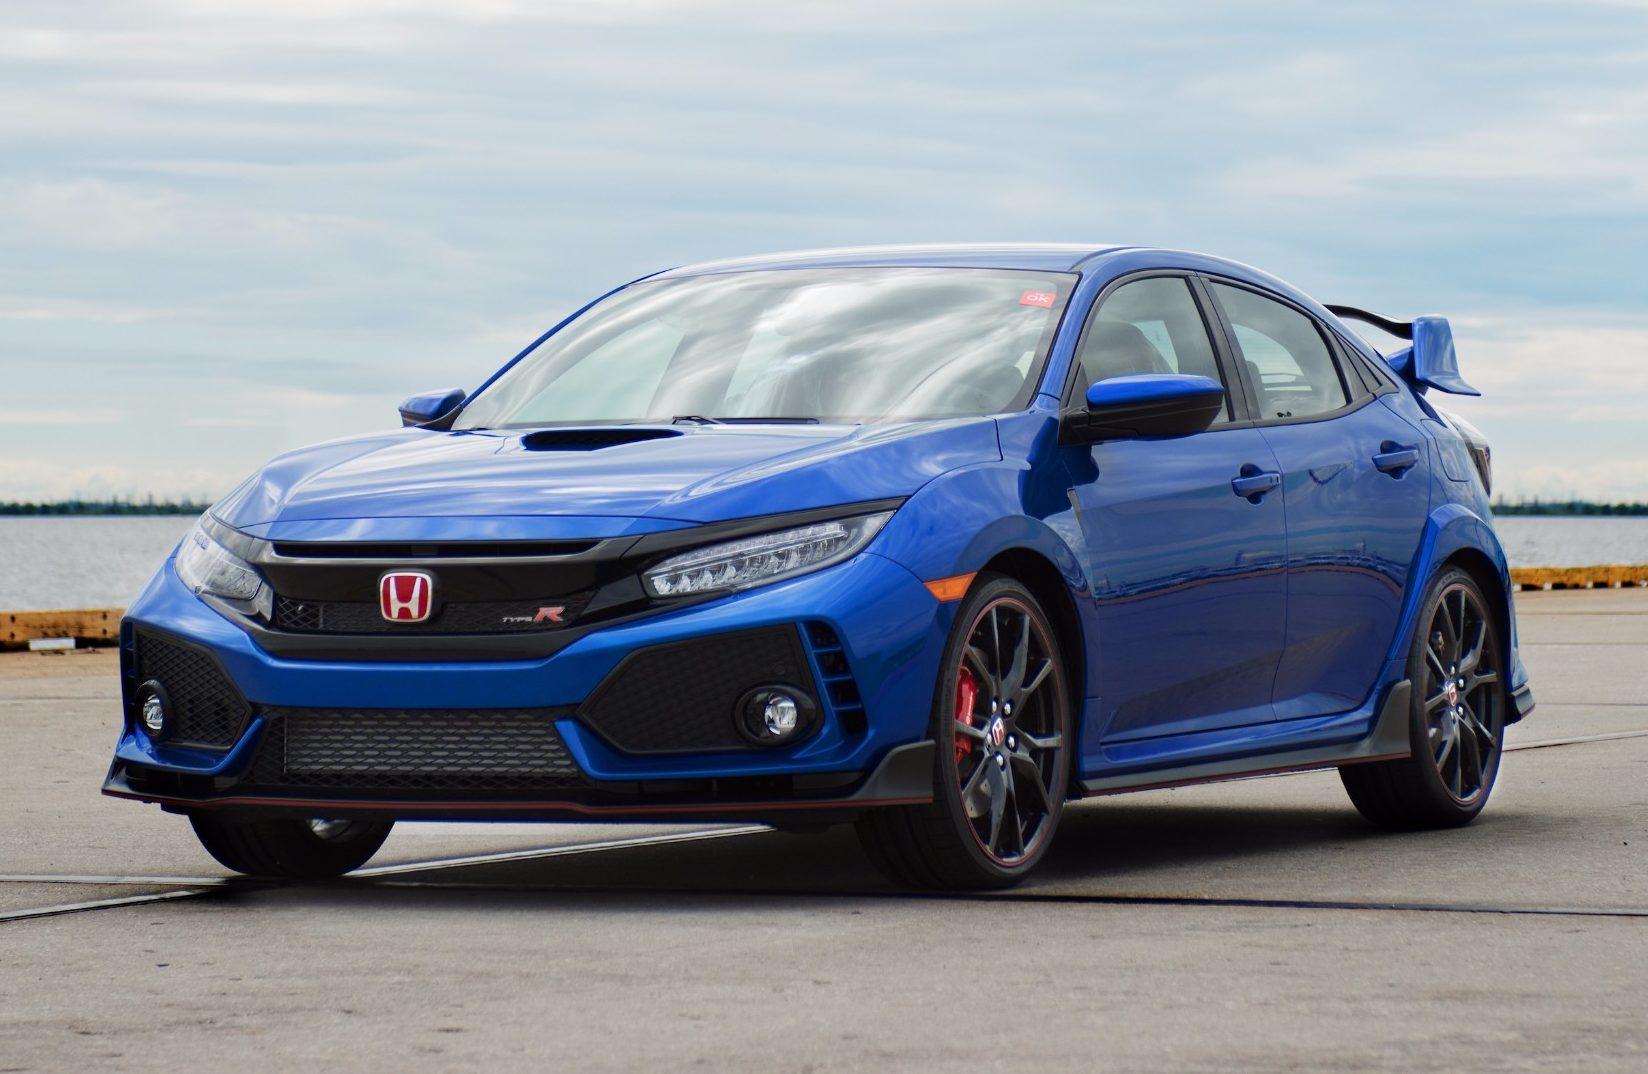 El Primer Honda Civic Type R Del Mundo Sera Subastado Con Fines